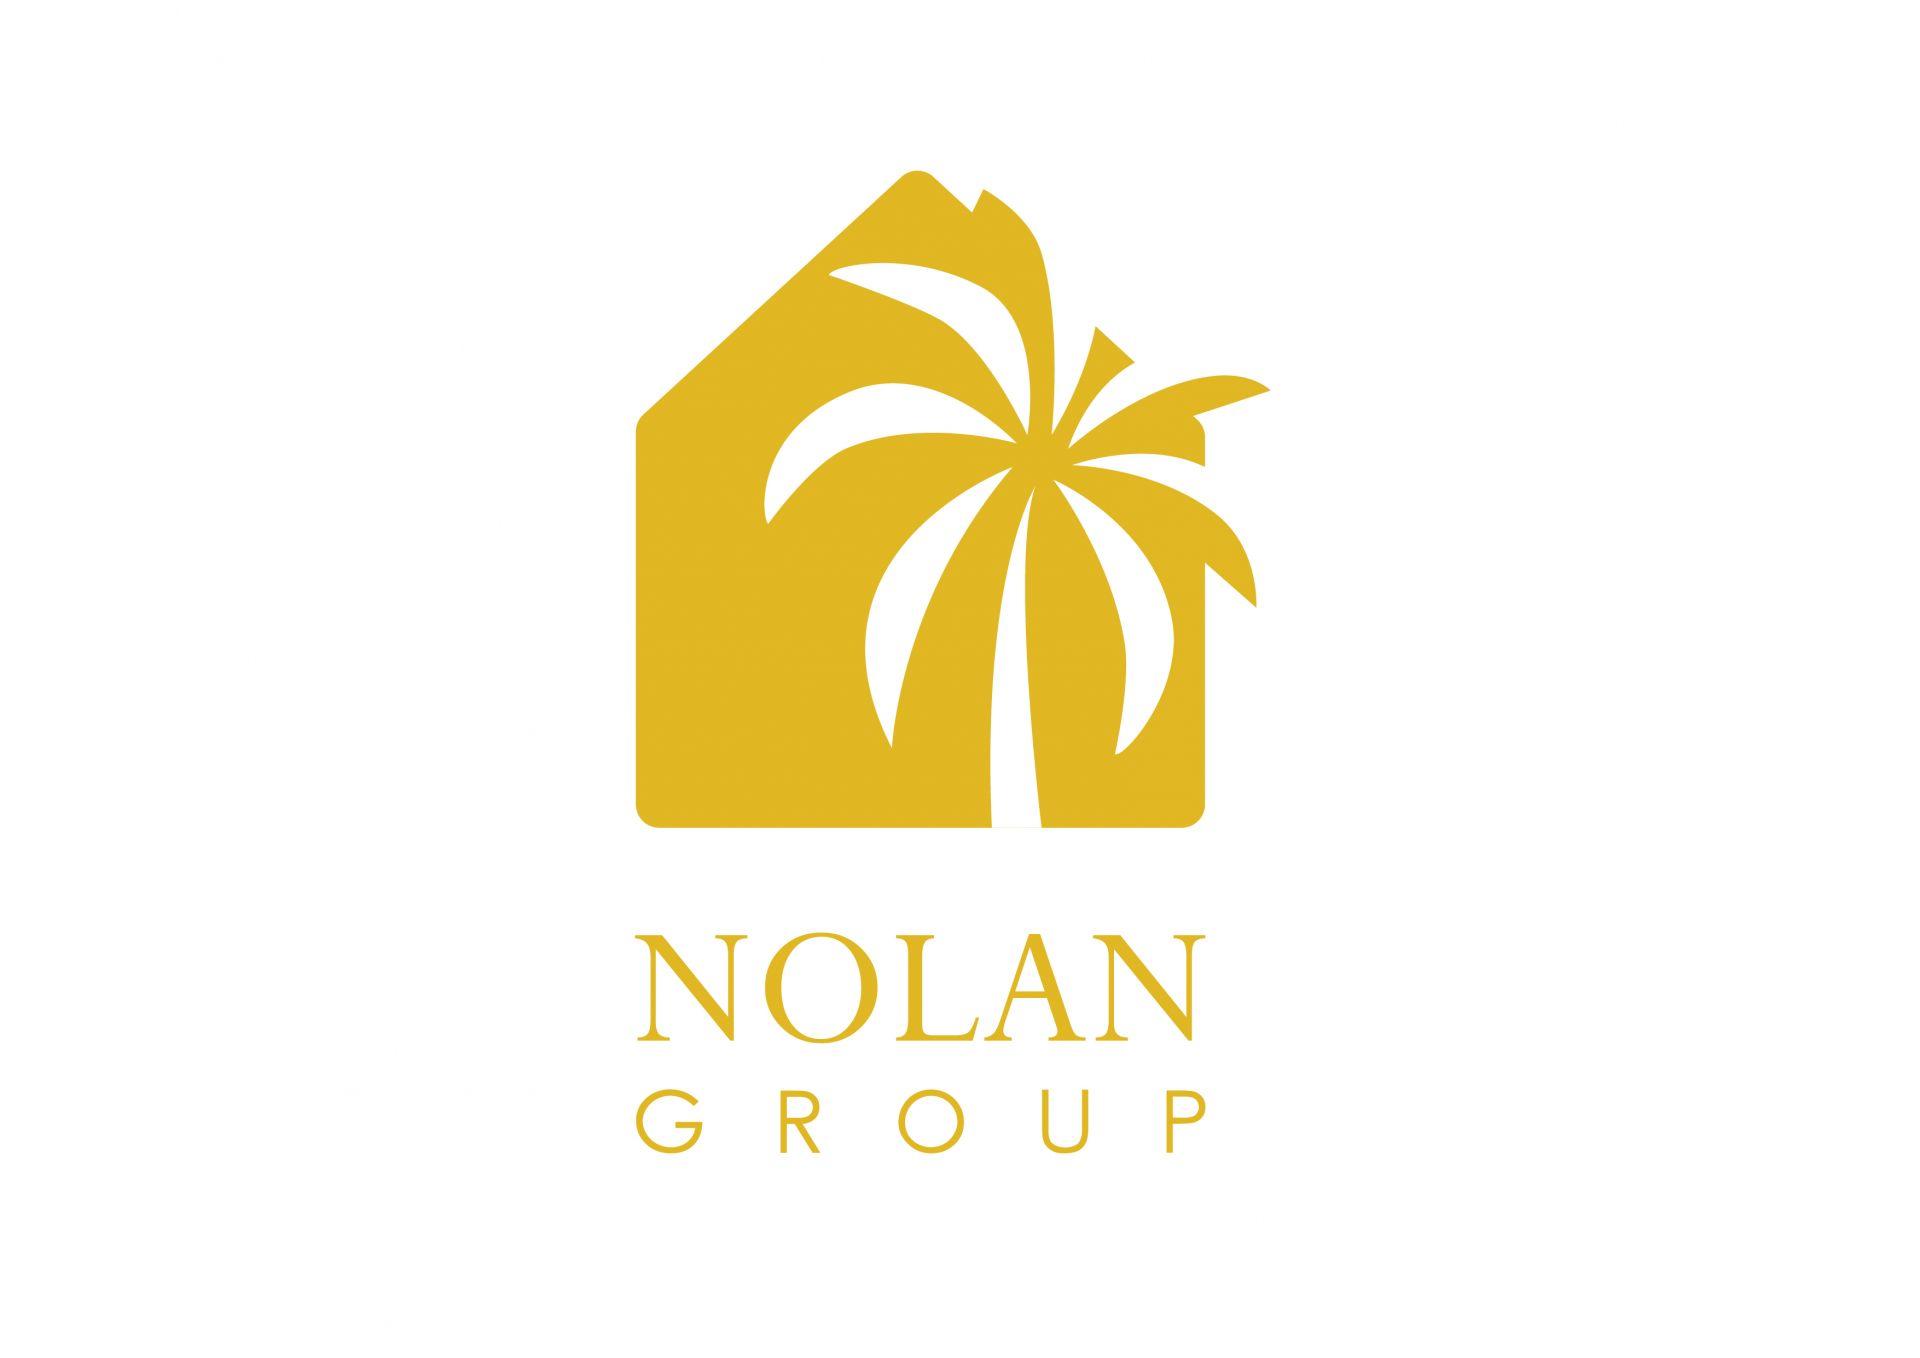 logo_nolan_group-03.jpg